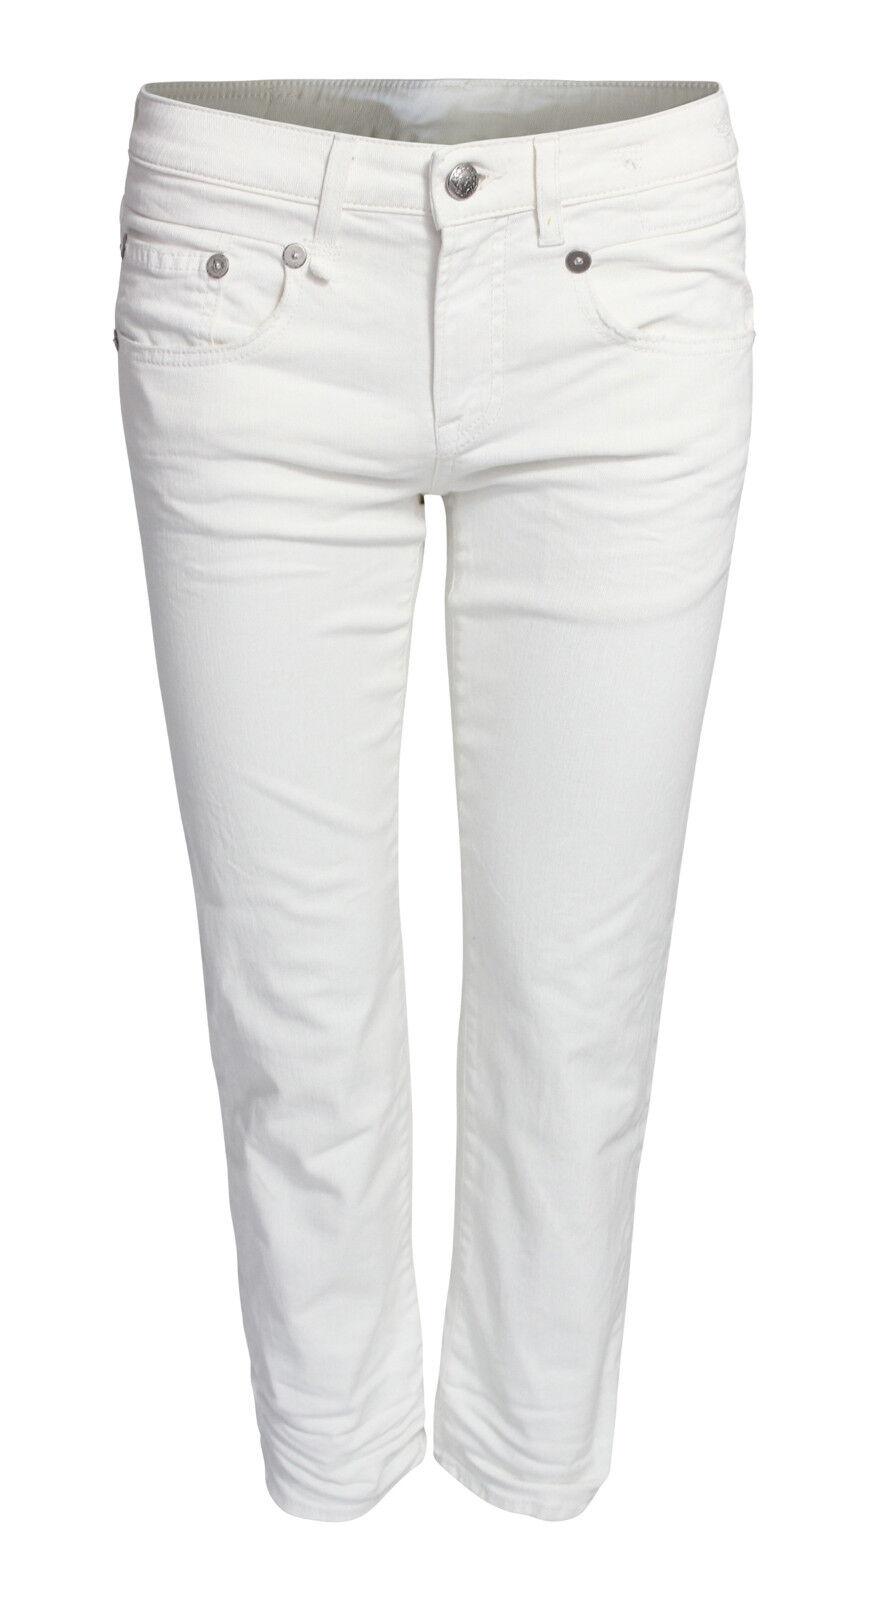 R13 Straight BOY jeans, modello modello modello r13w0091571, colore offbianca TG. 30 NUOVO c7da96